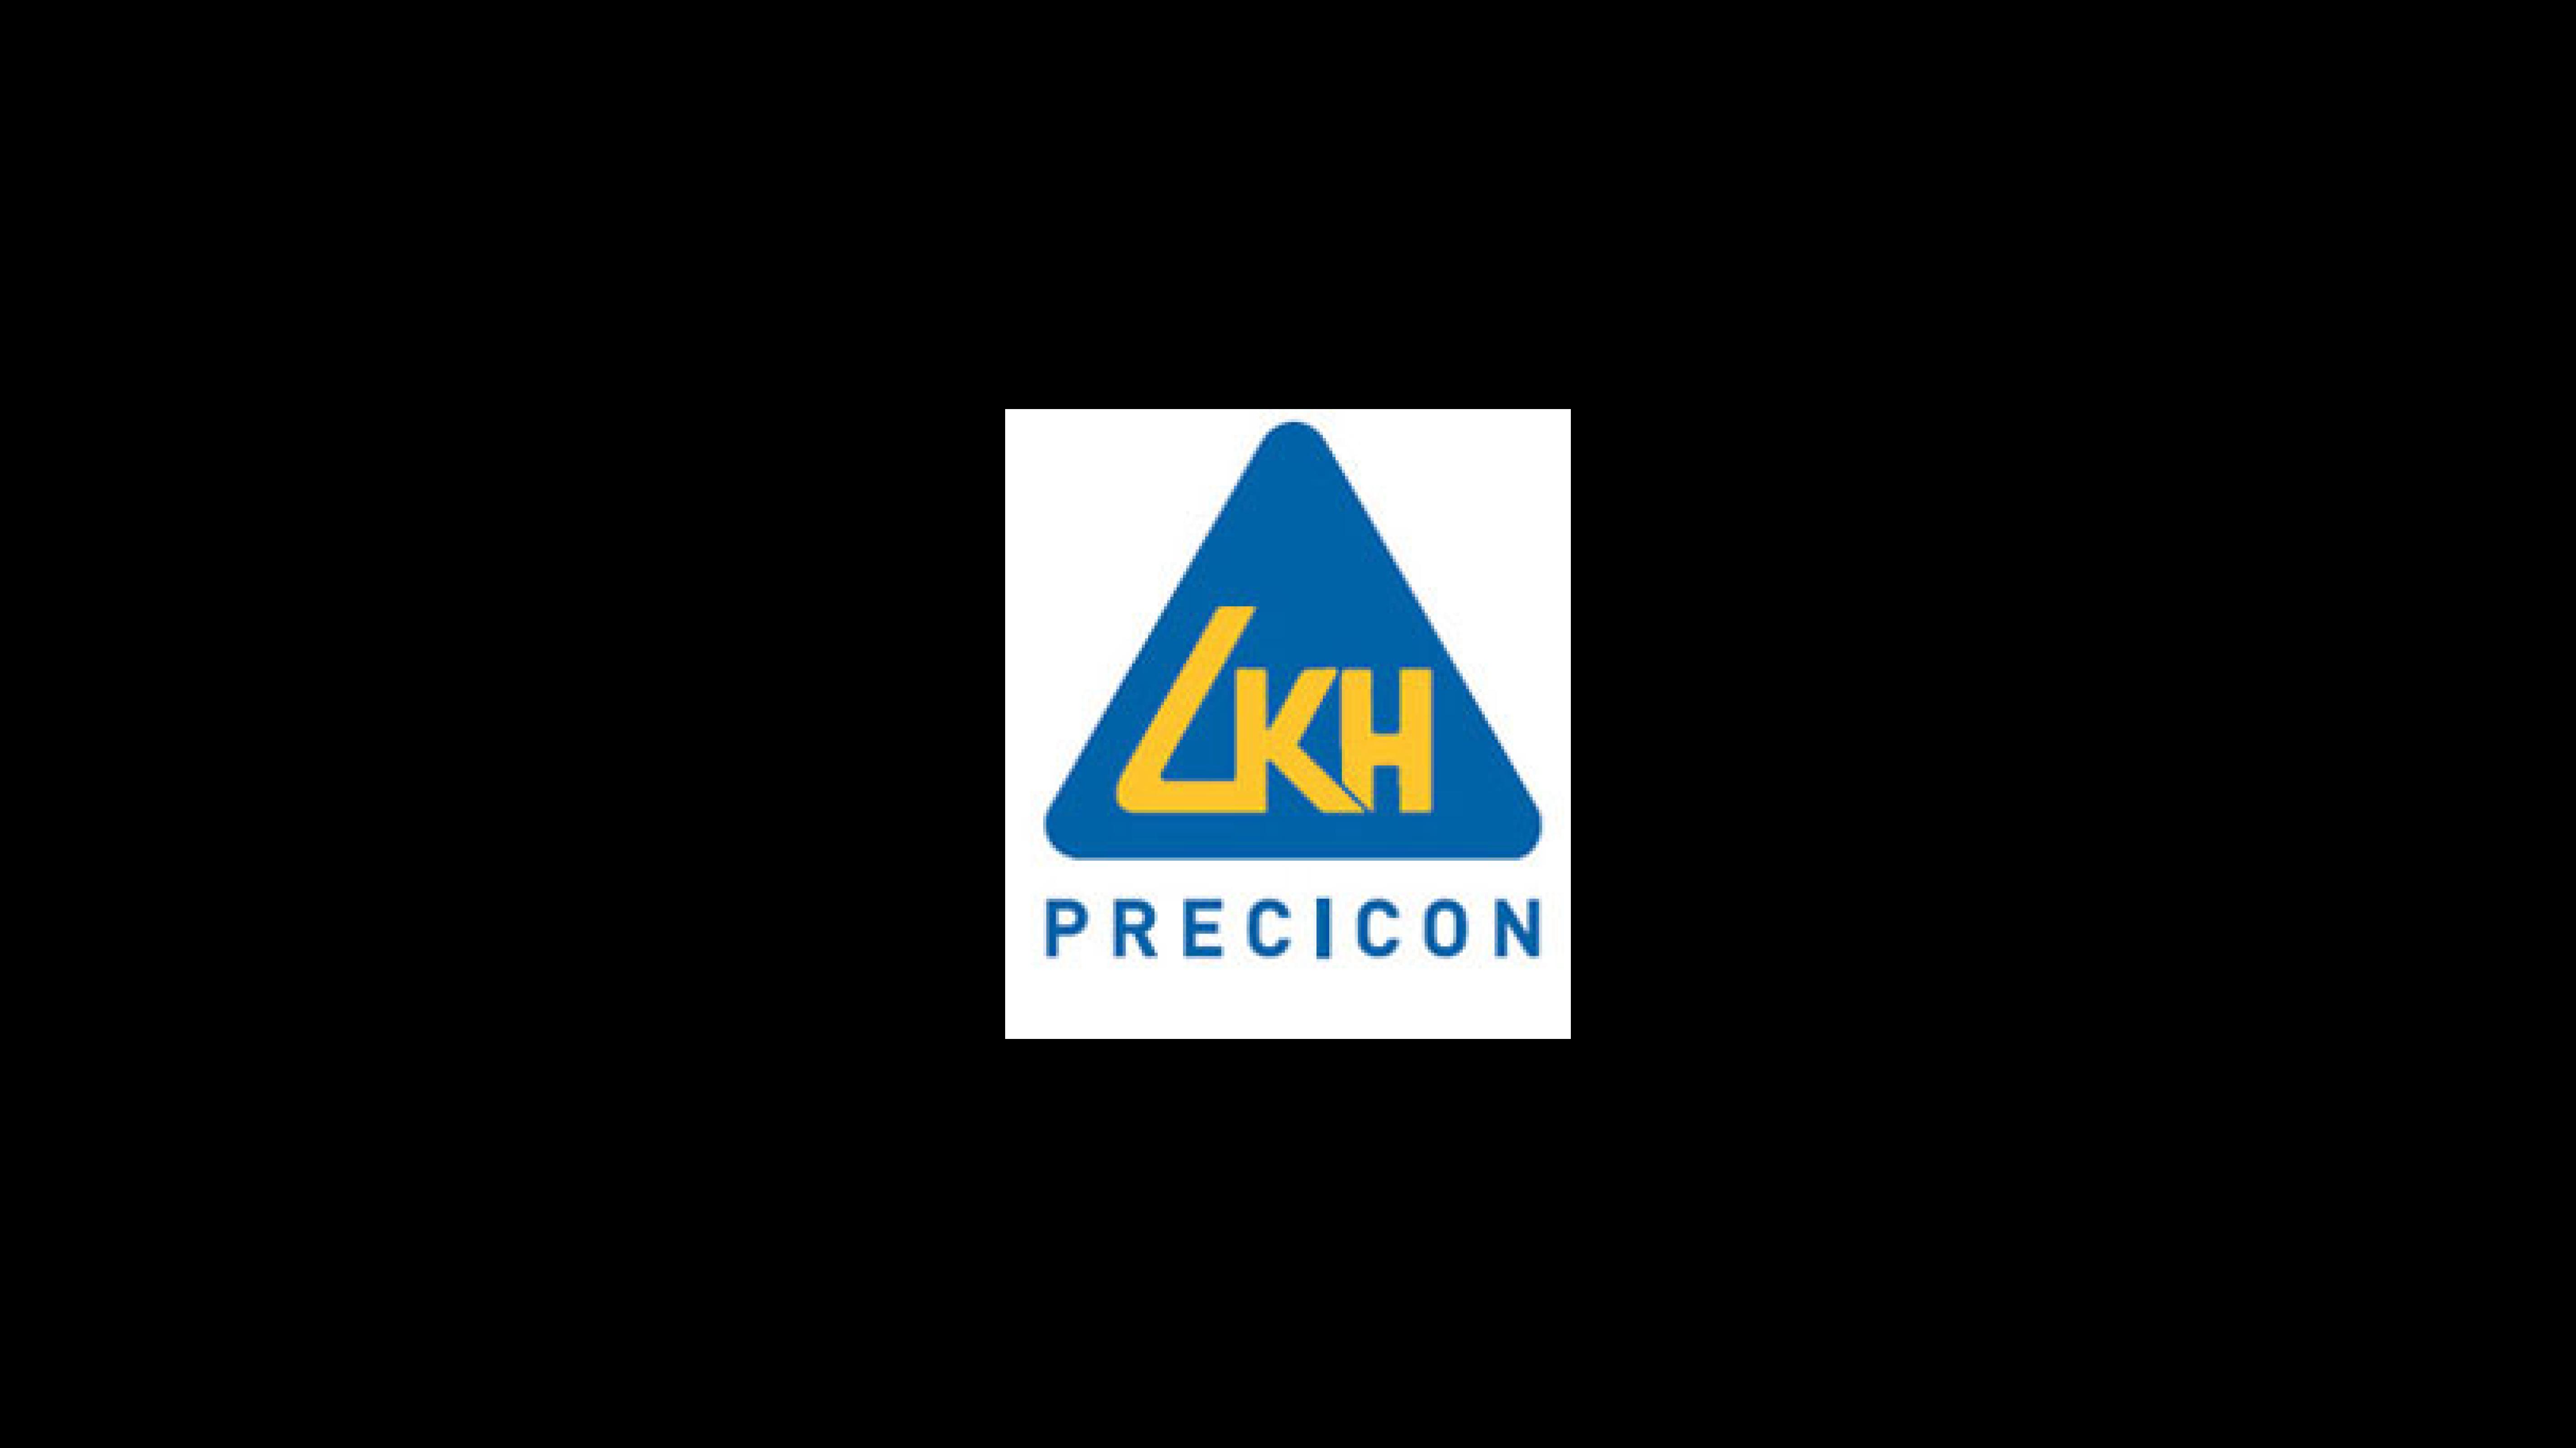 LKH Precicon